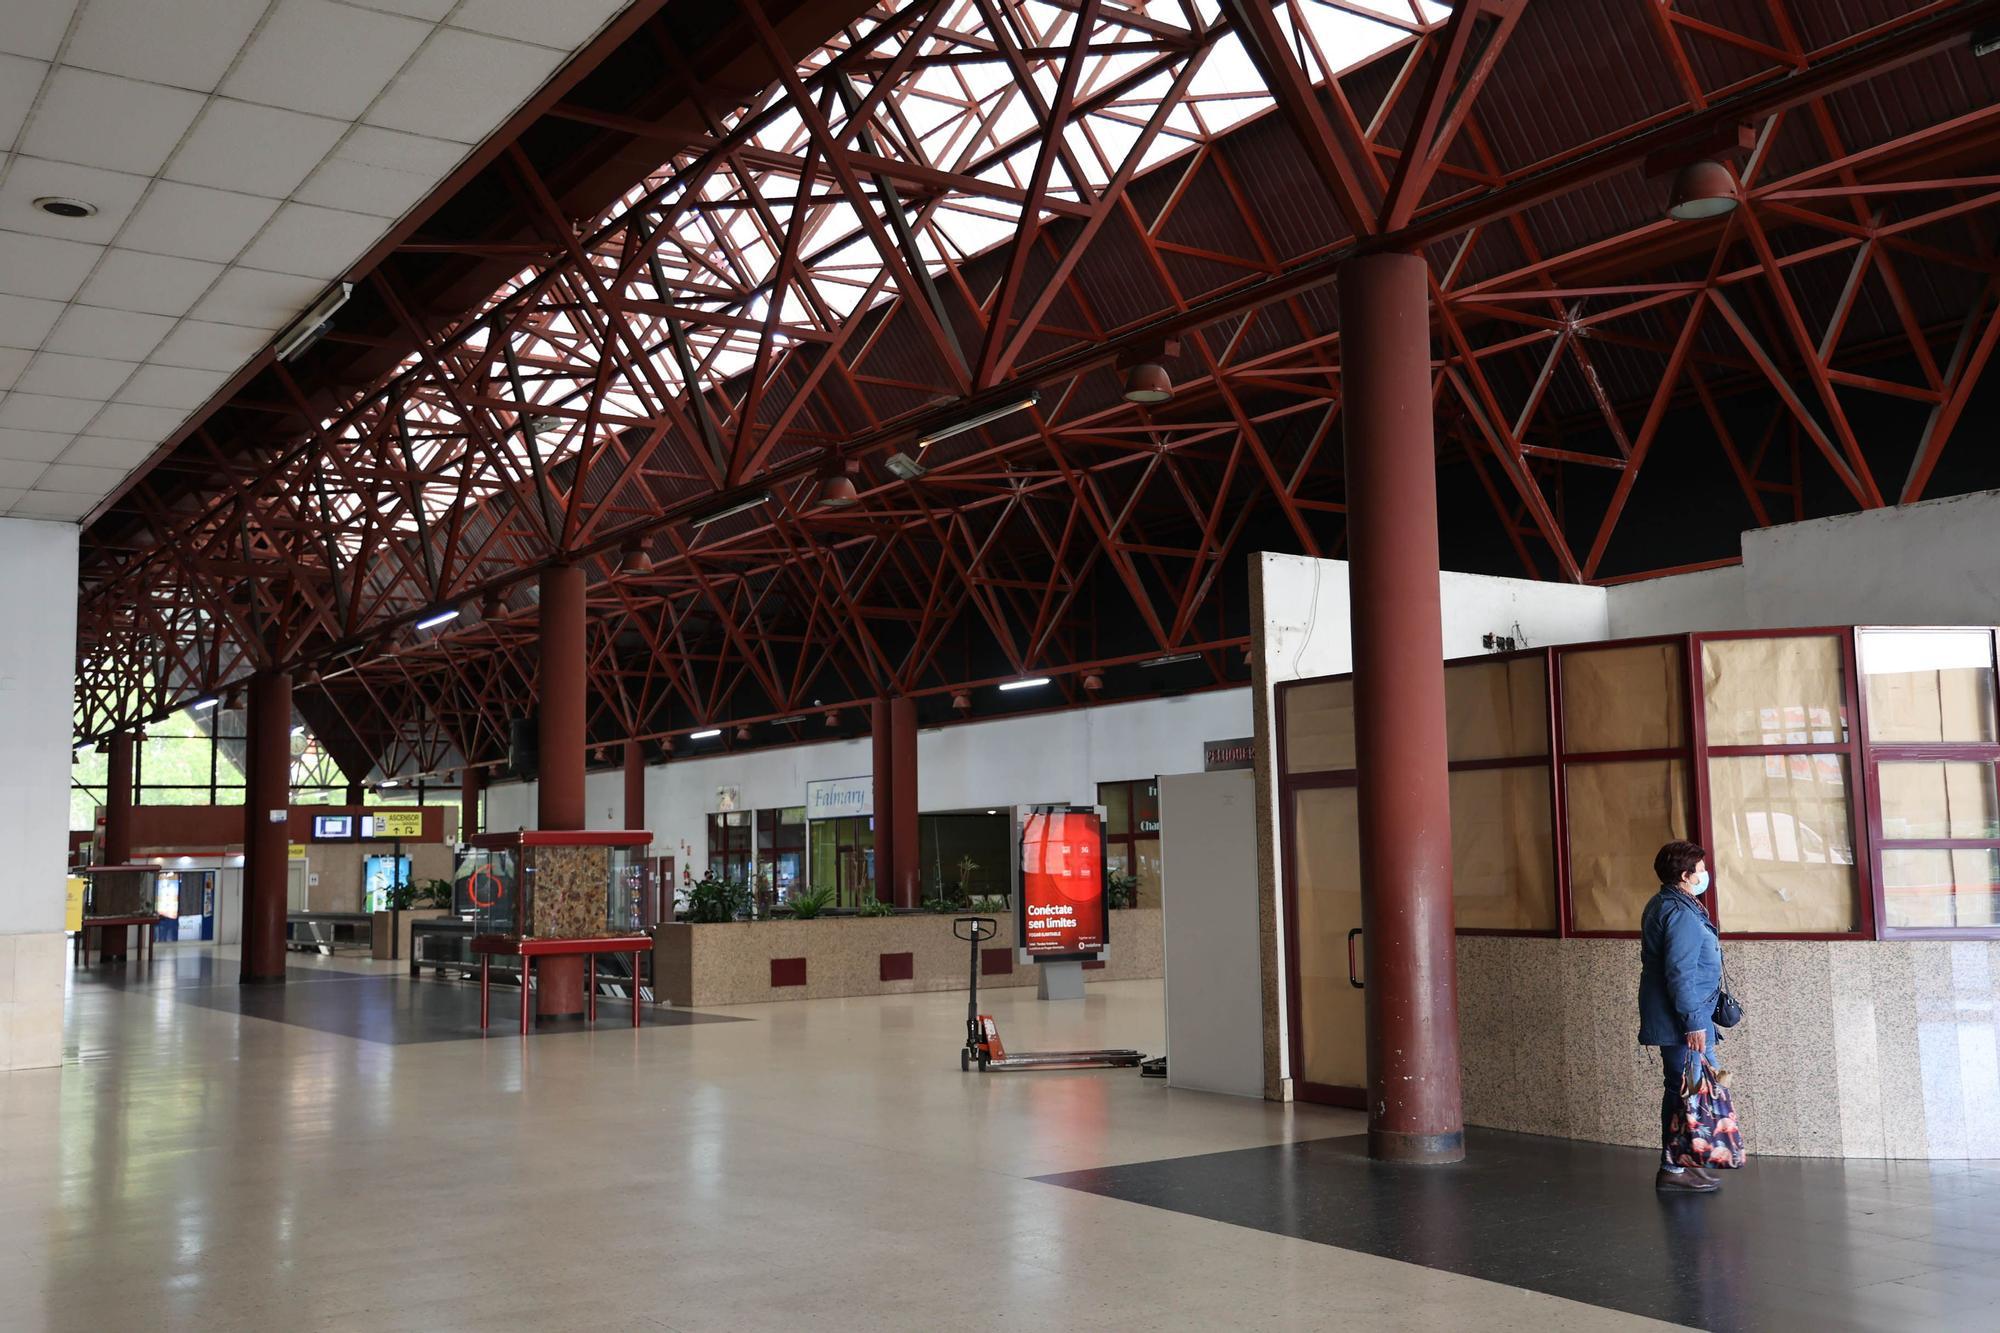 La estación de autobuses se 'abandona' antes de tiempo